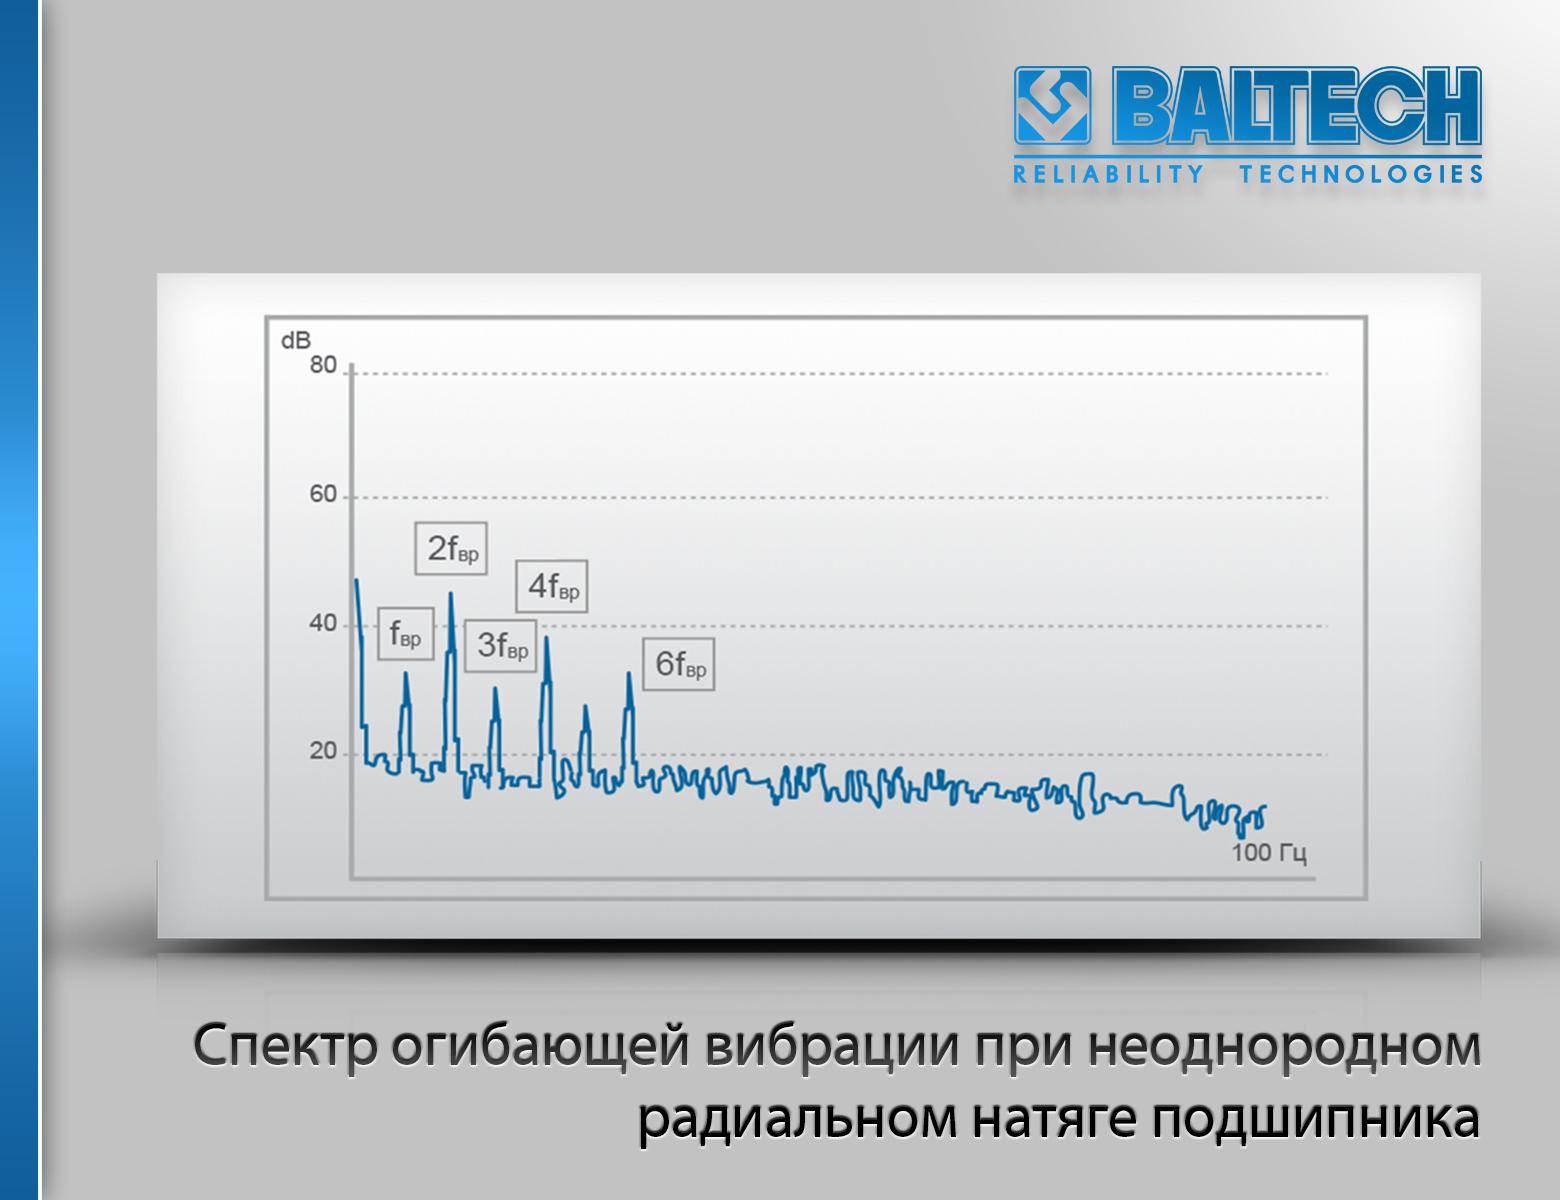 Спектр огибающей вибрации при неоднородном радиальном натяге подшипника, диагностика подшипников